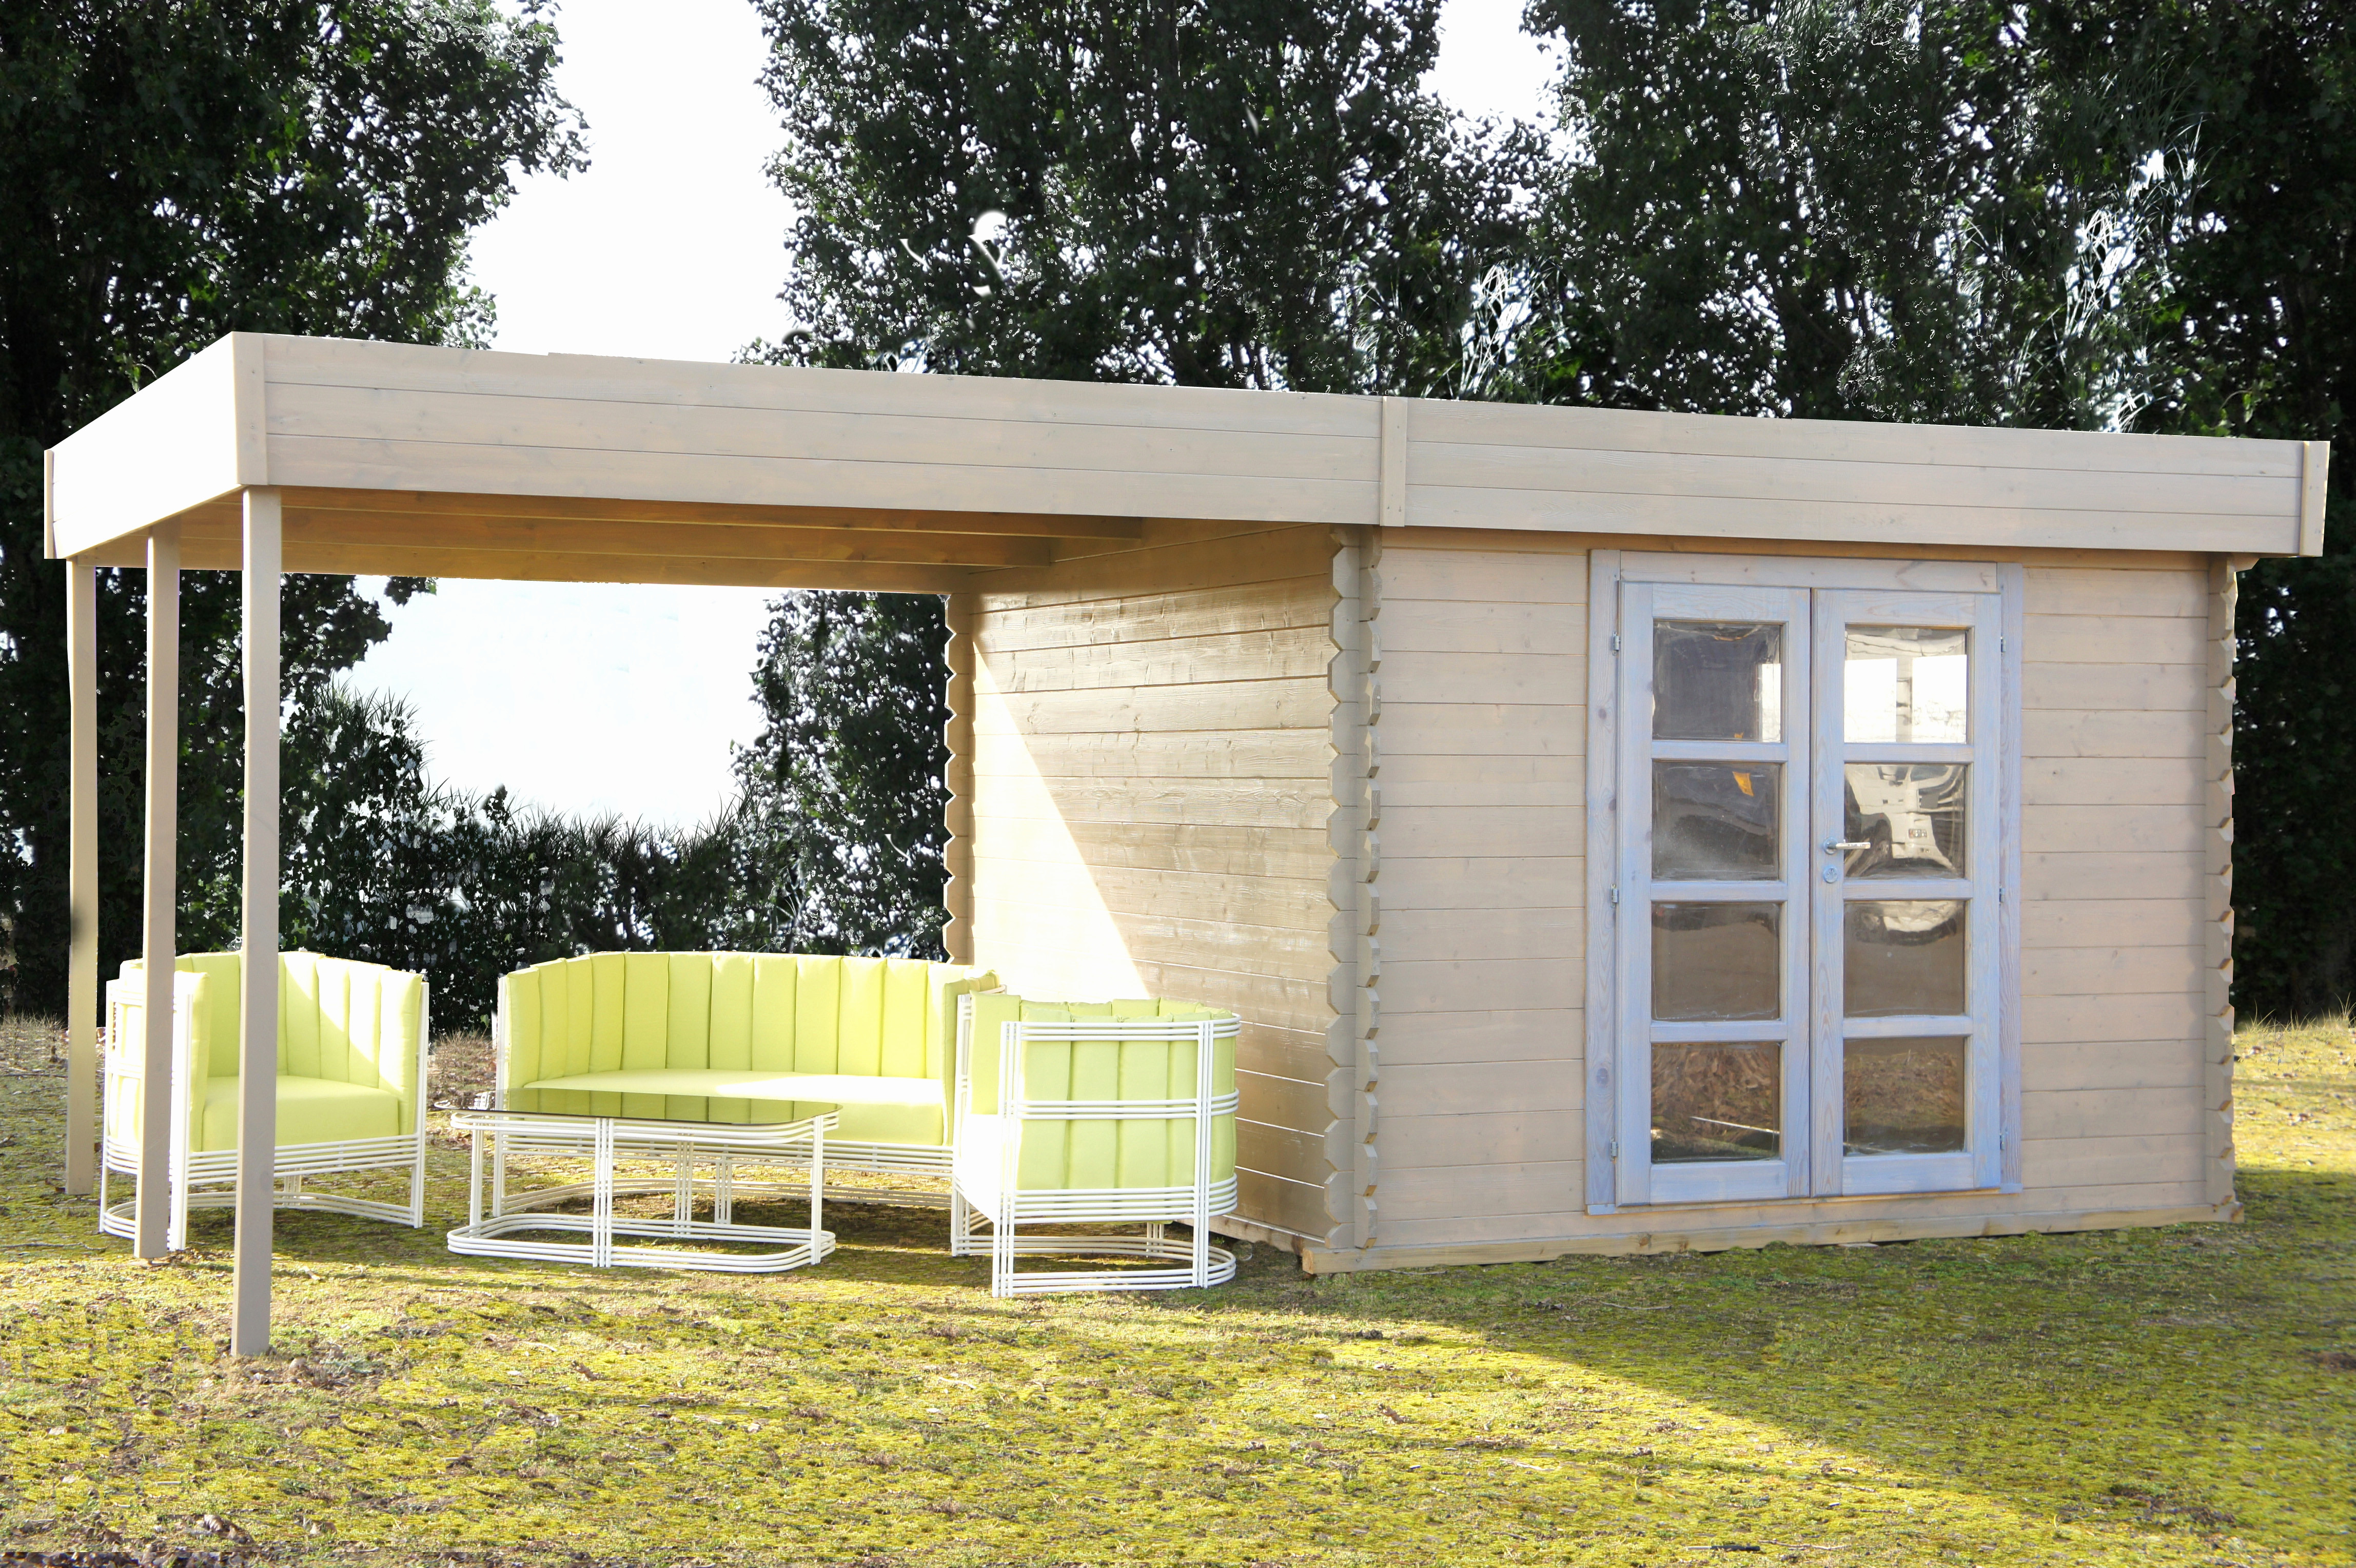 Carrefour tonnelle De Jardin Beau Photos Chalet De Jardin 20m2 Aussi Beau Chalet toit Plat Habitable Chalet